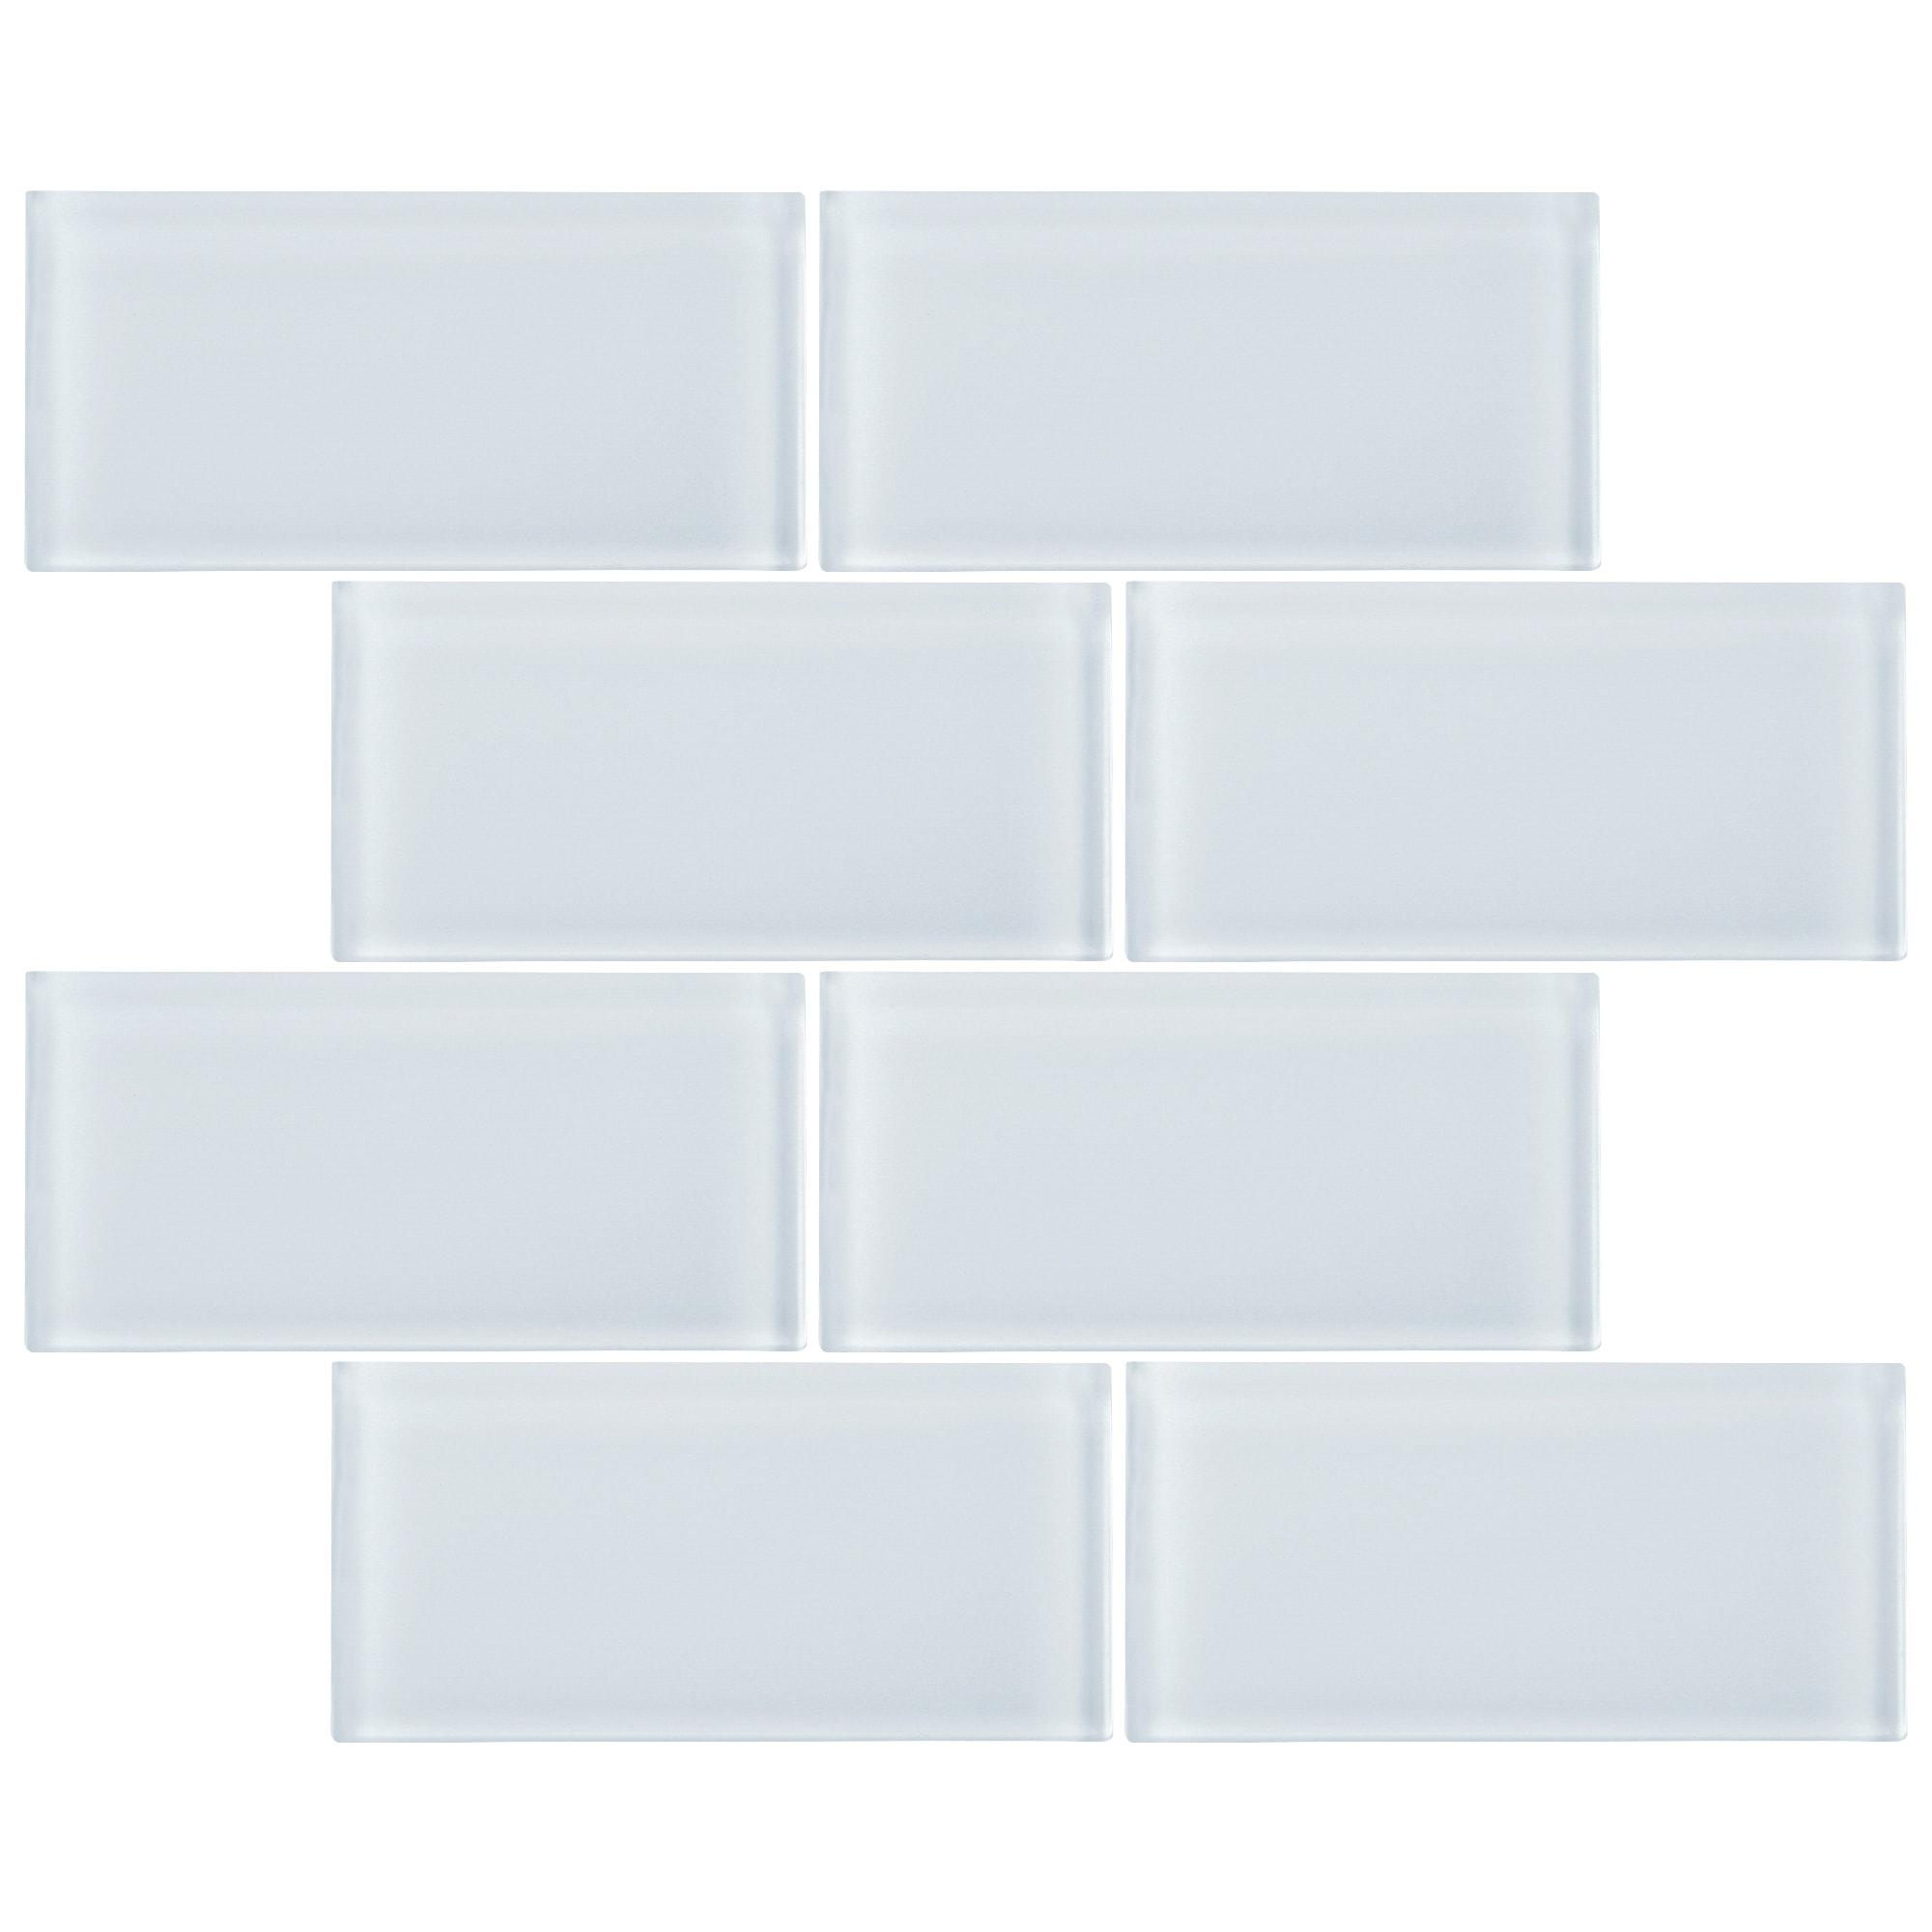 Tilegen 3 X 6 Glass Subway Tile In White Wall Tile 80 Tiles 10sqft Overstock 27973566